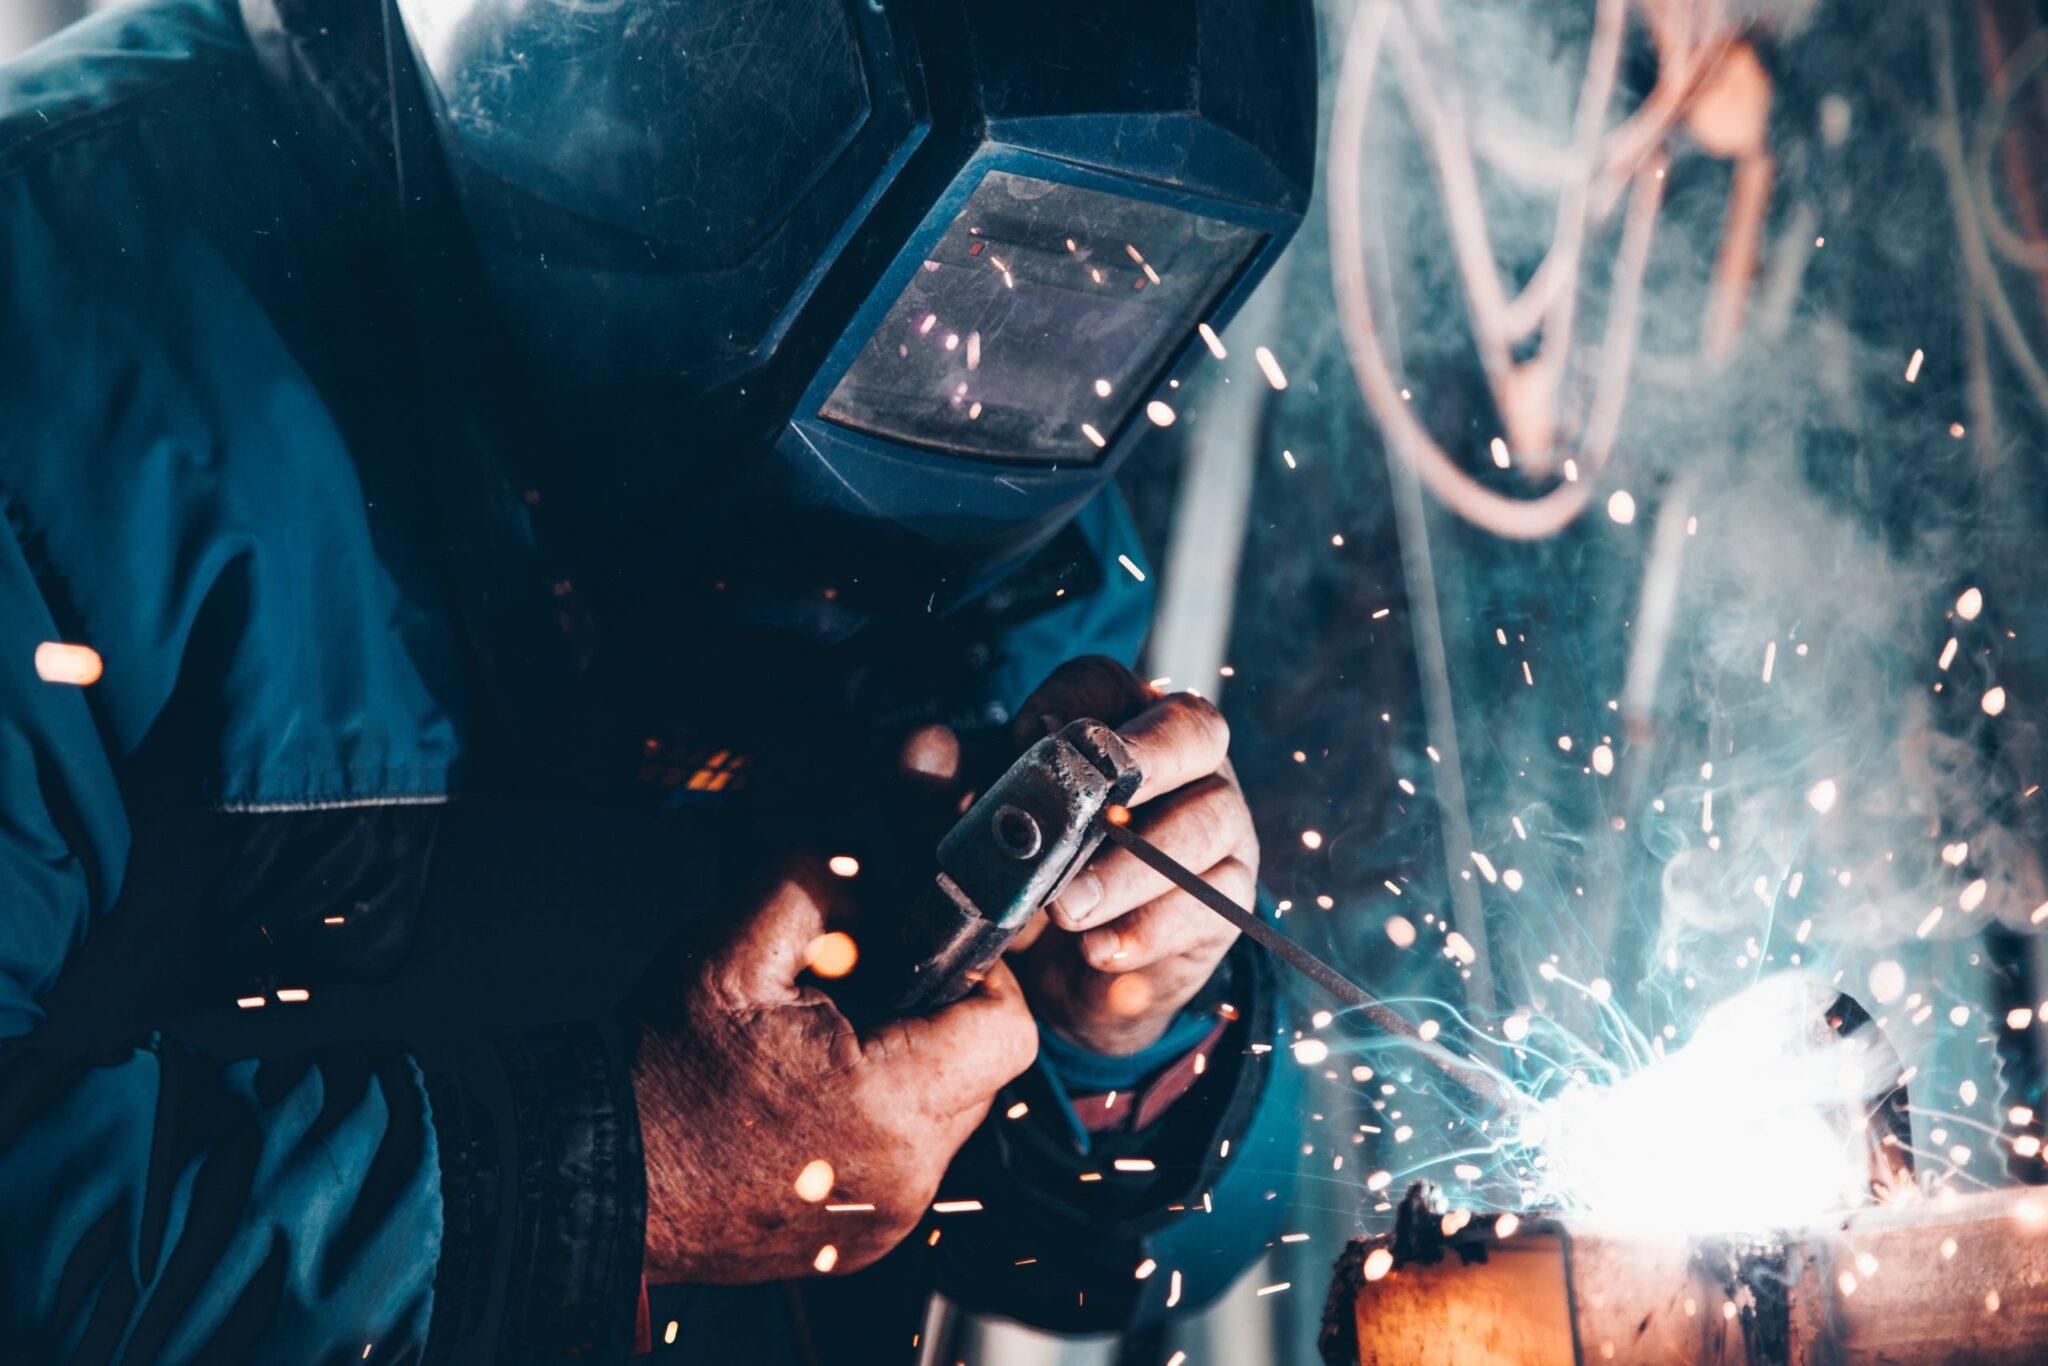 Un soldador trabaja protegido por una máscara